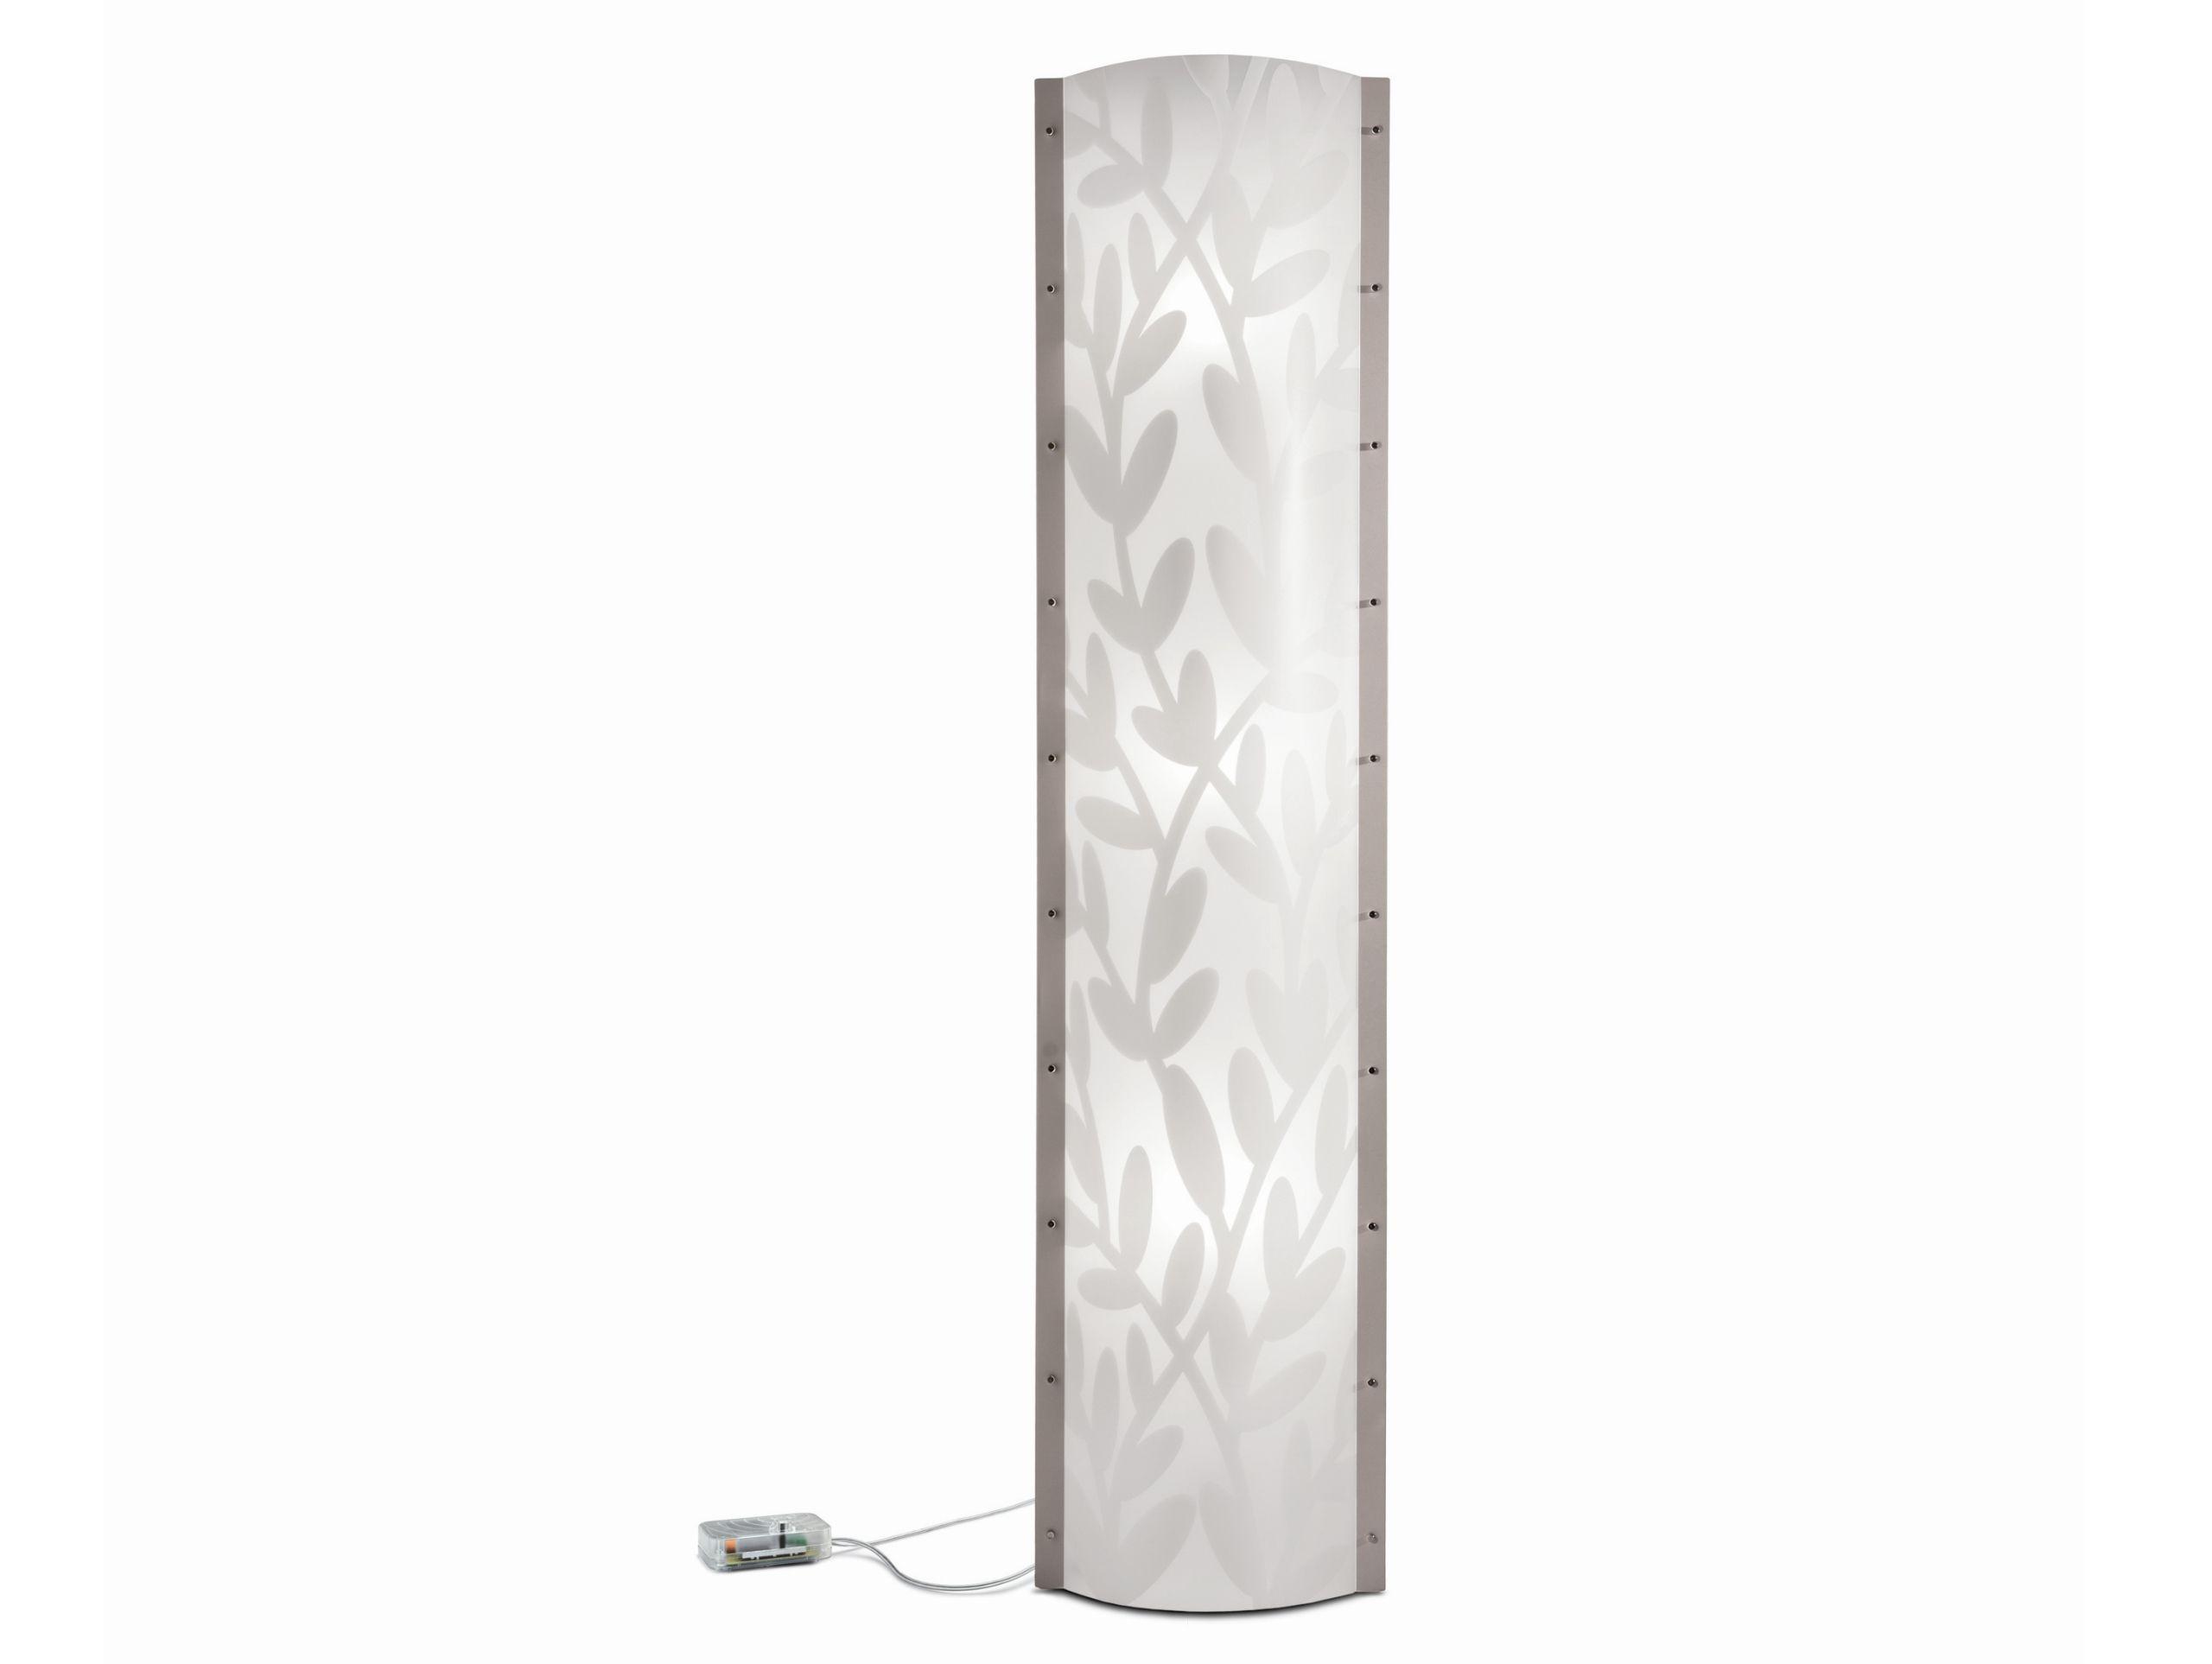 LAMPADA DA TERRA COLLEZIONE DAFNE BY SLAMP  DESIGN NIGEL COATES